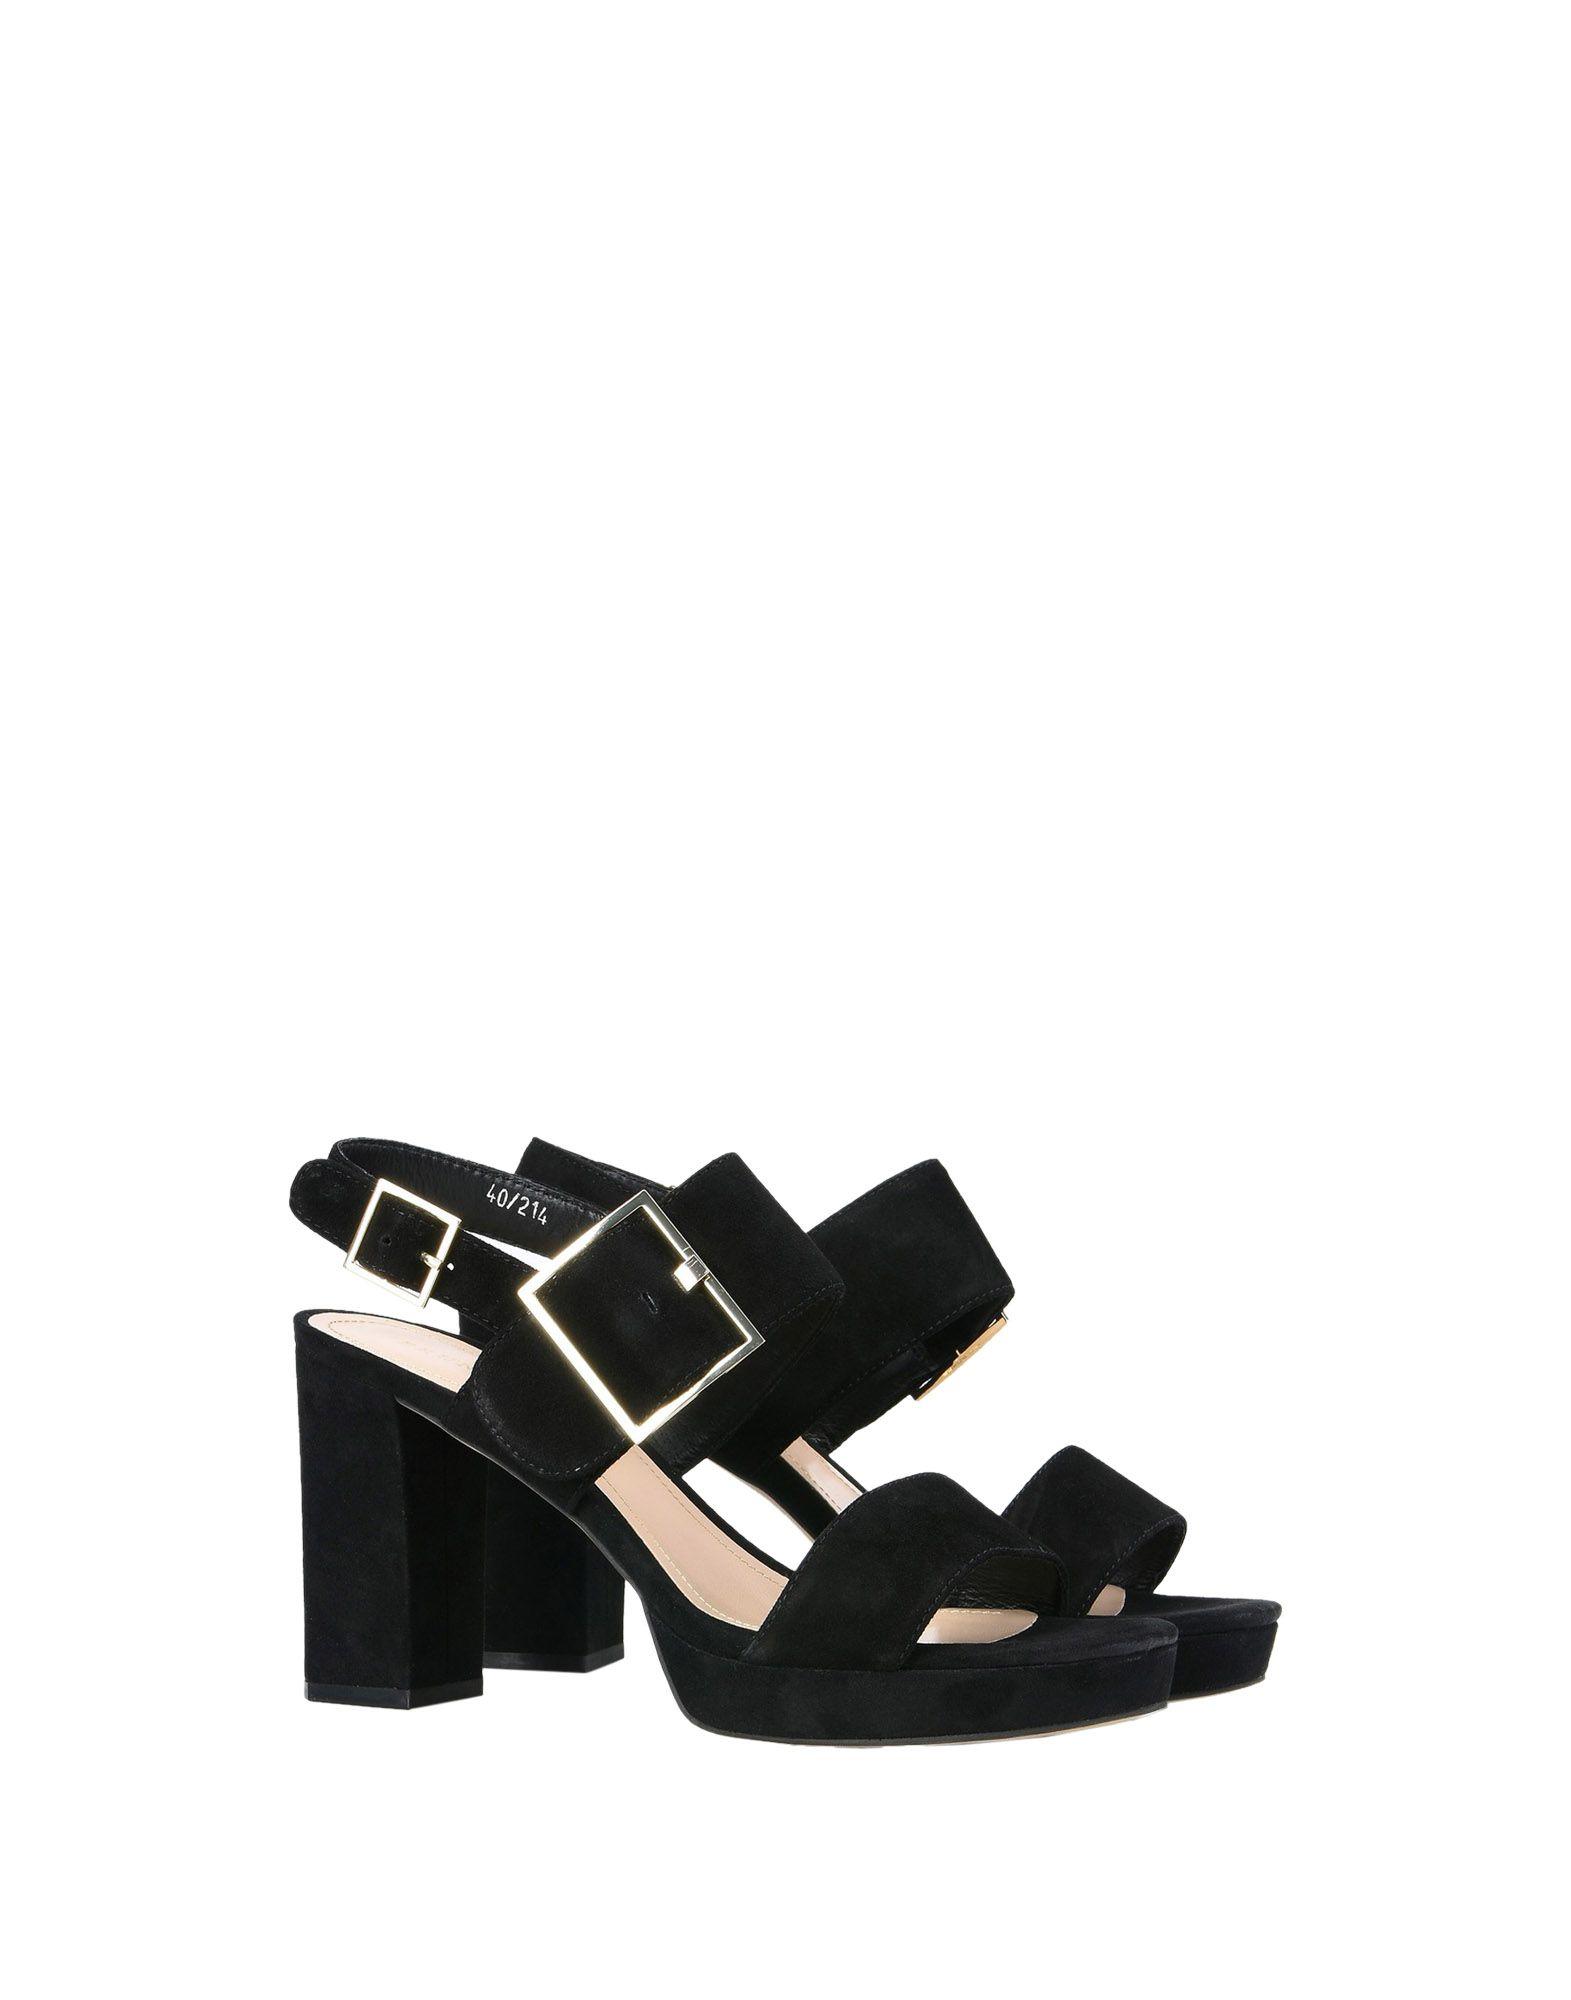 Bruno Bruno Bruno Premi Sandalen Damen  11443490GV Gute Qualität beliebte Schuhe 095dfe